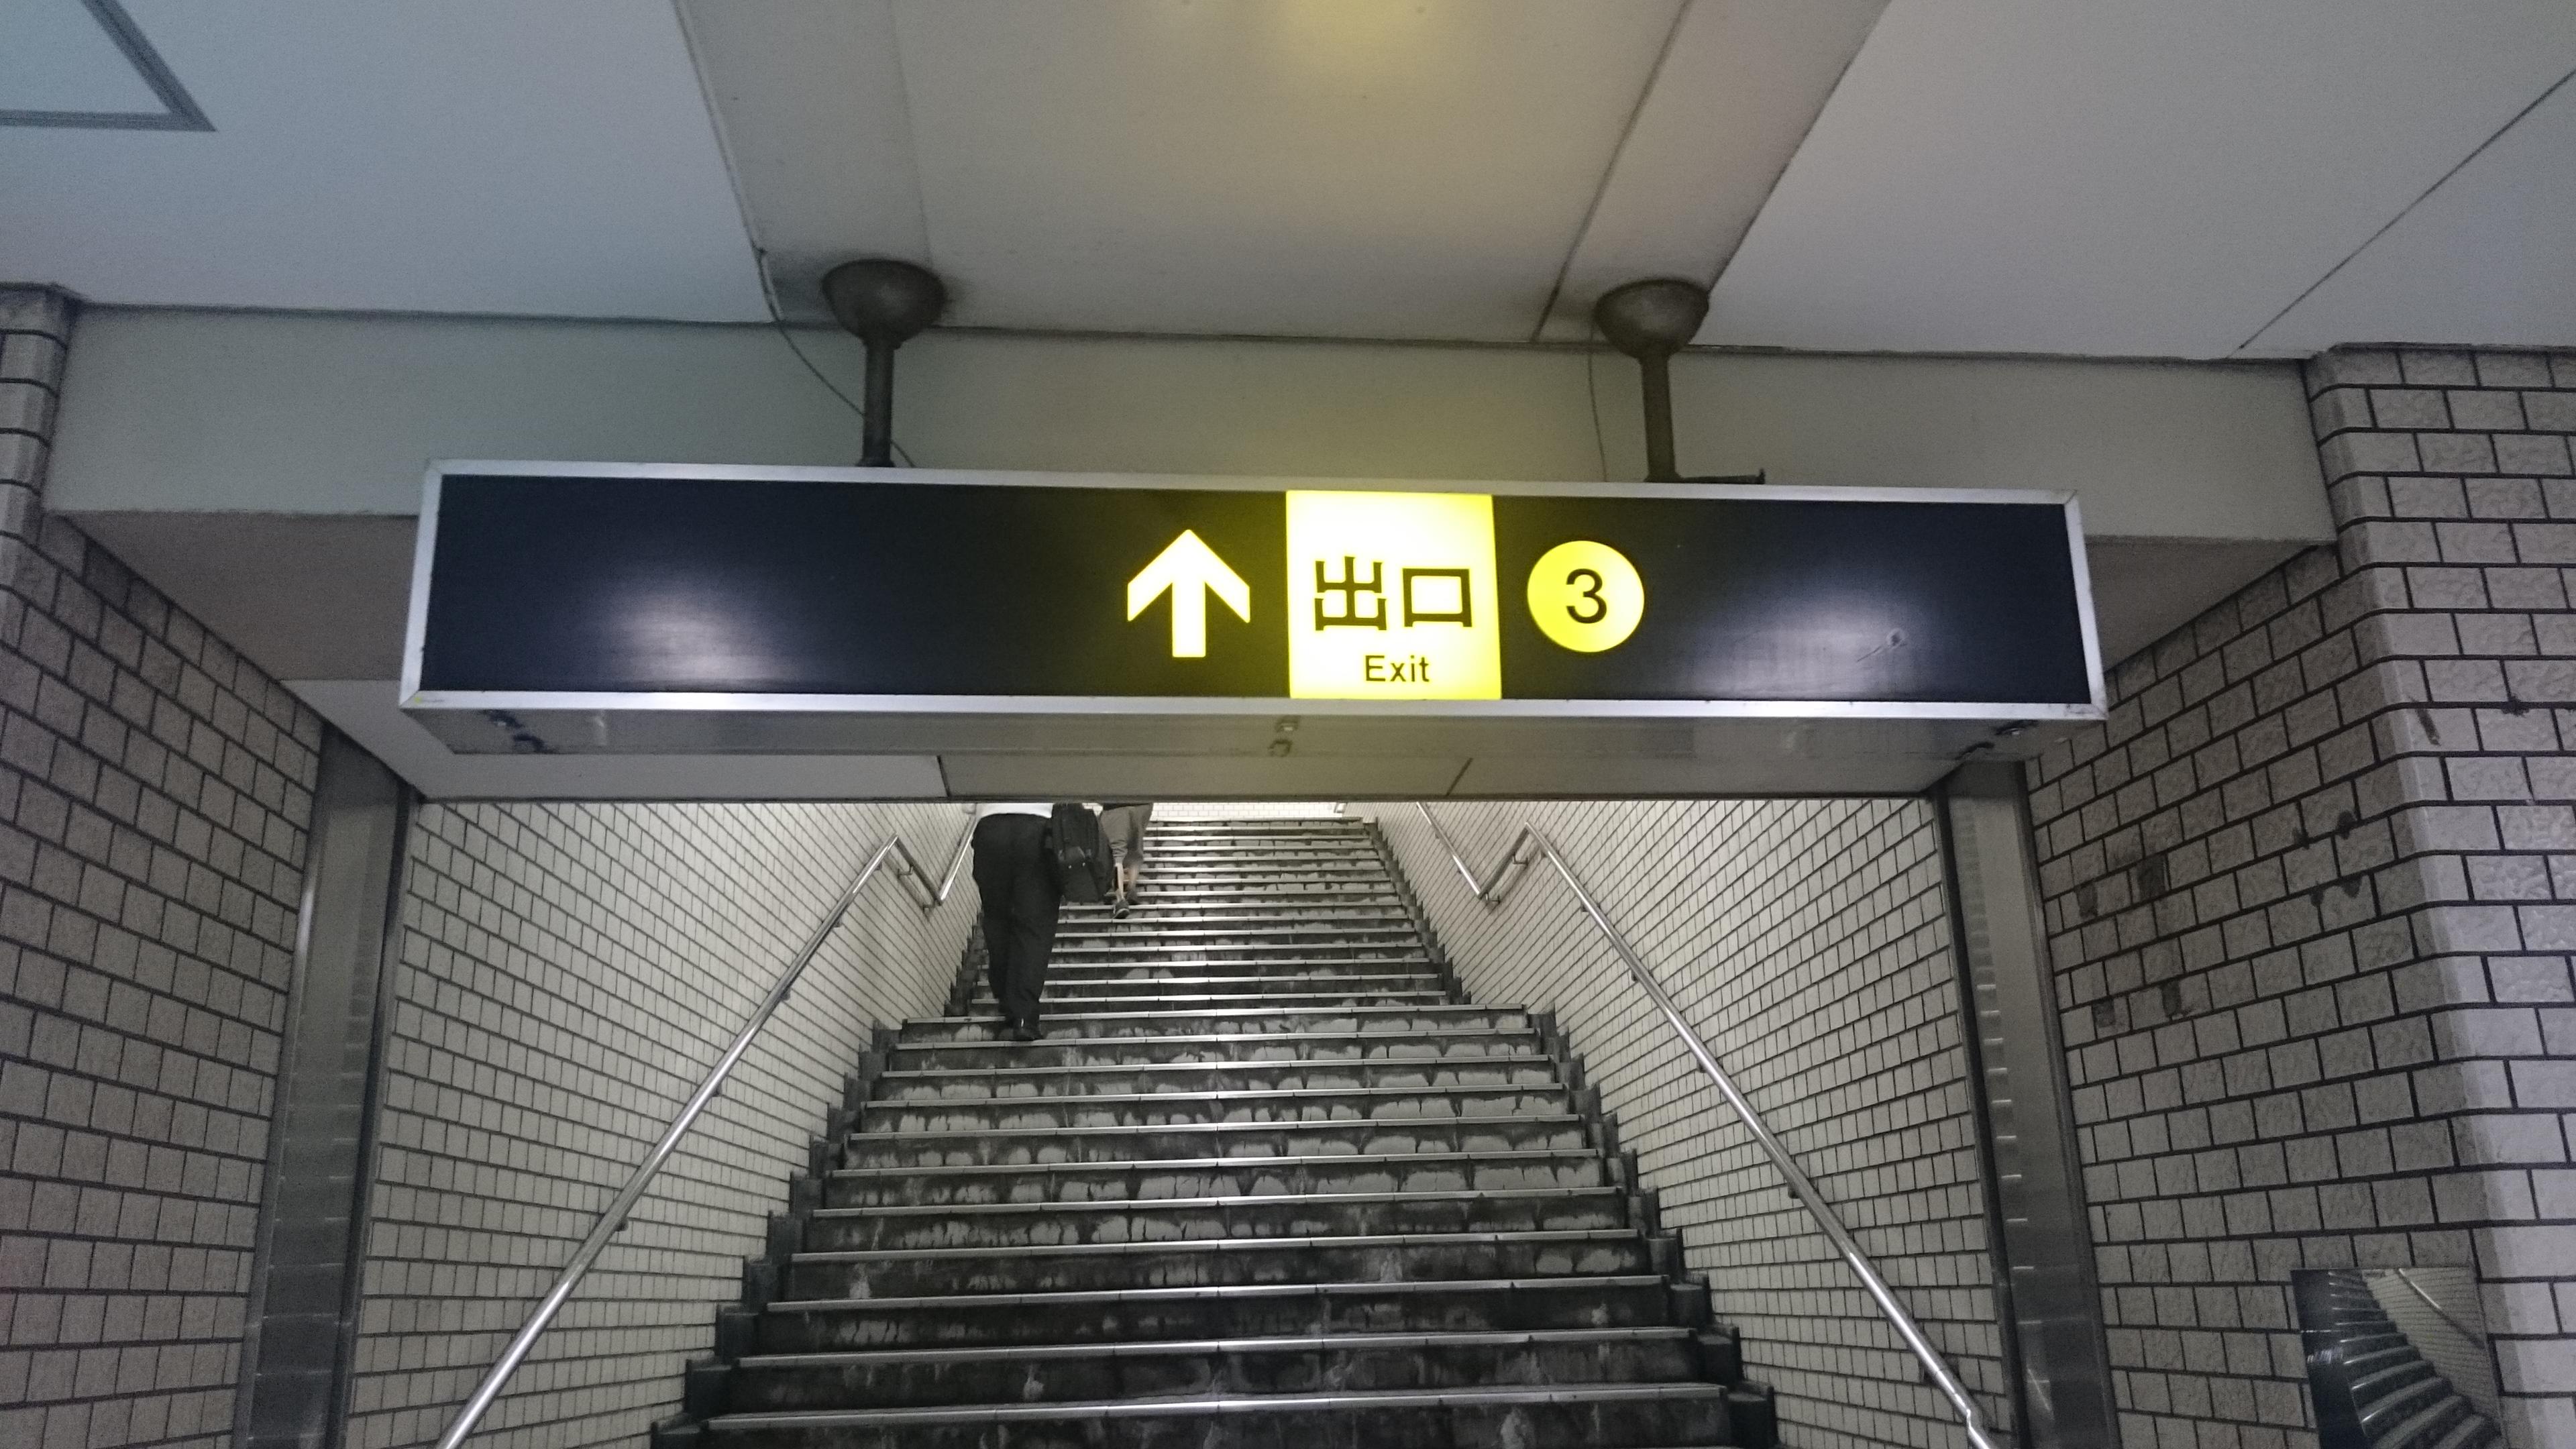 バランス整体院エール access2